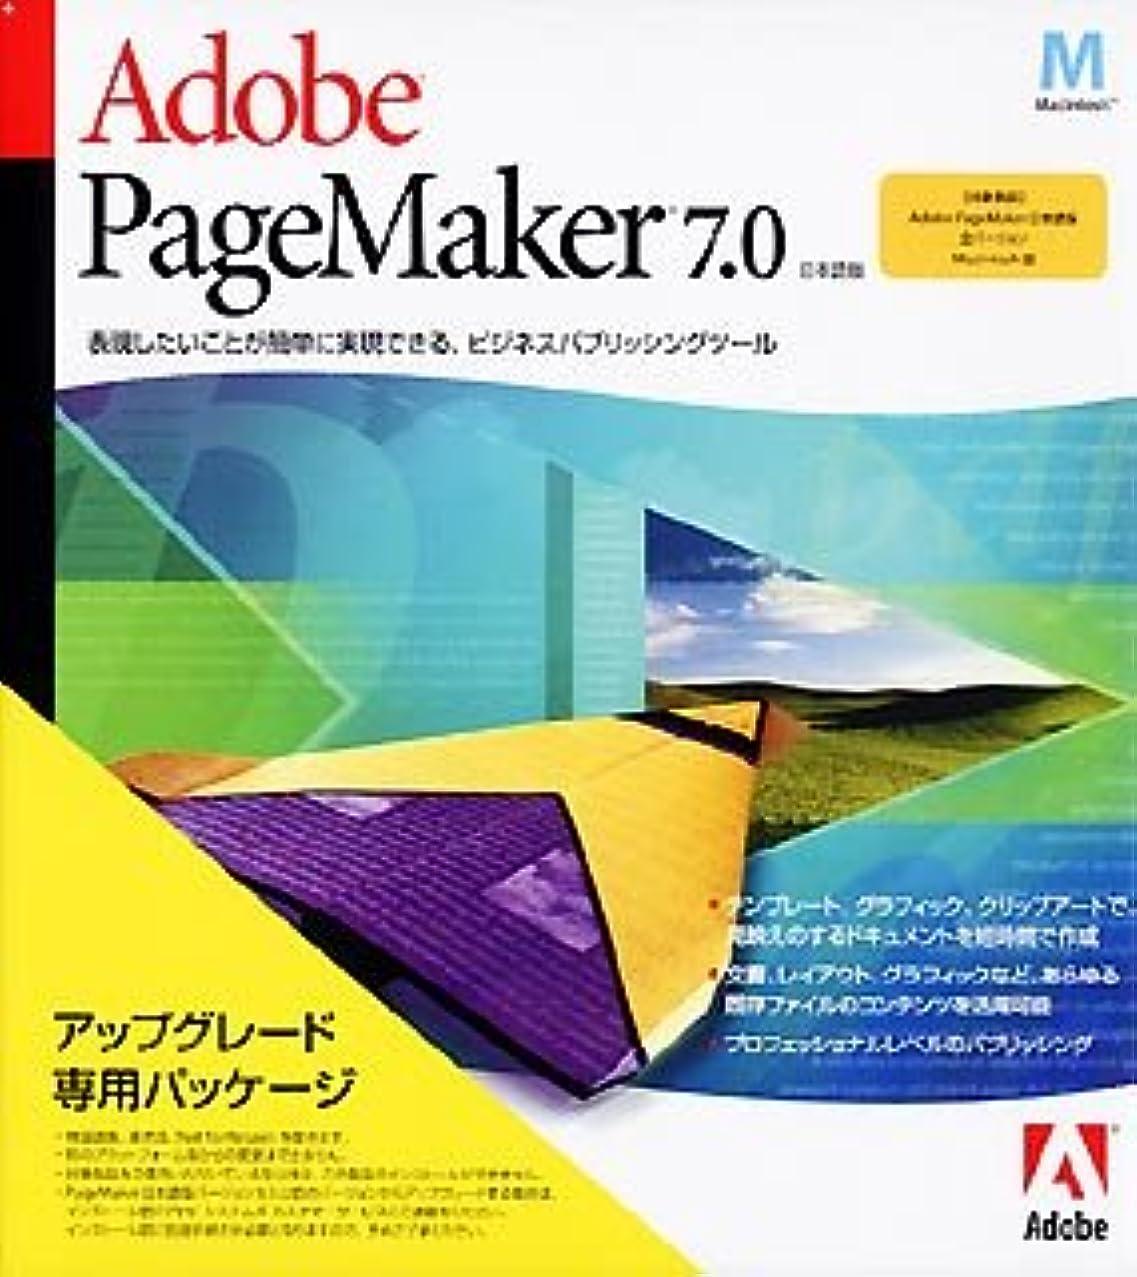 Adobe PageMaker 7.0 日本語版 Macintosh版 アップグレード版